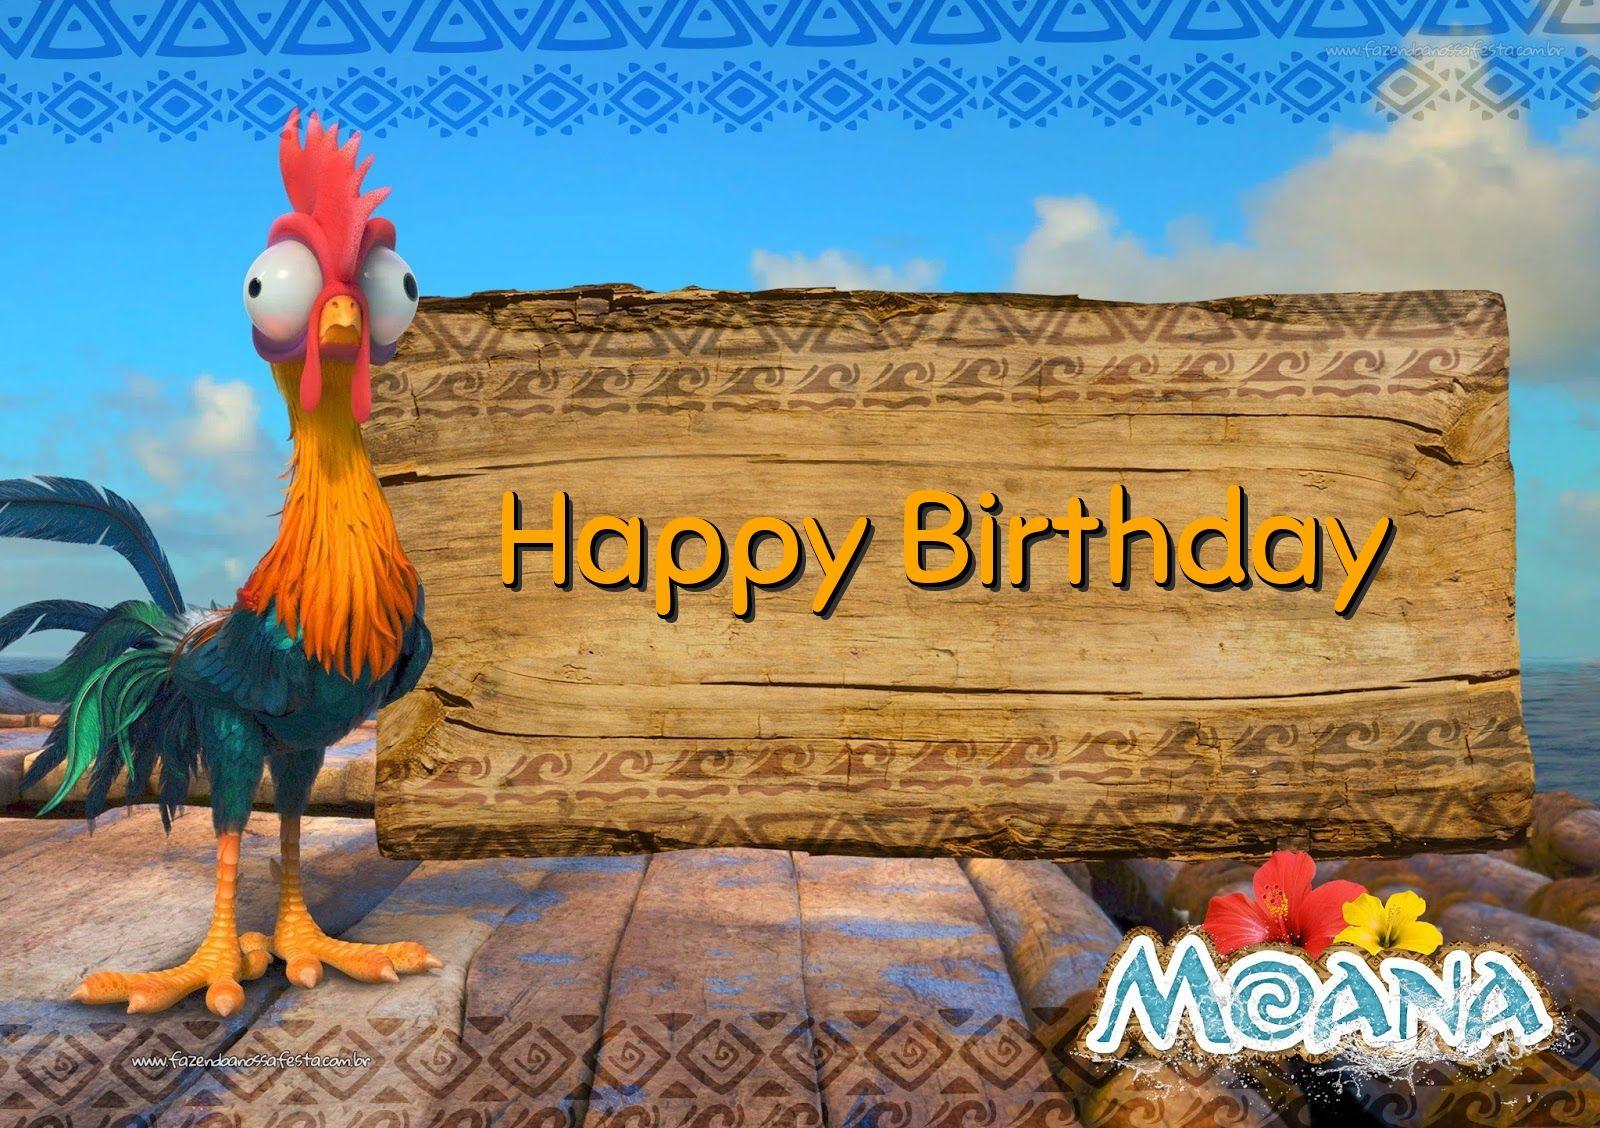 Moana Birthday Party Theme Invitation Wording